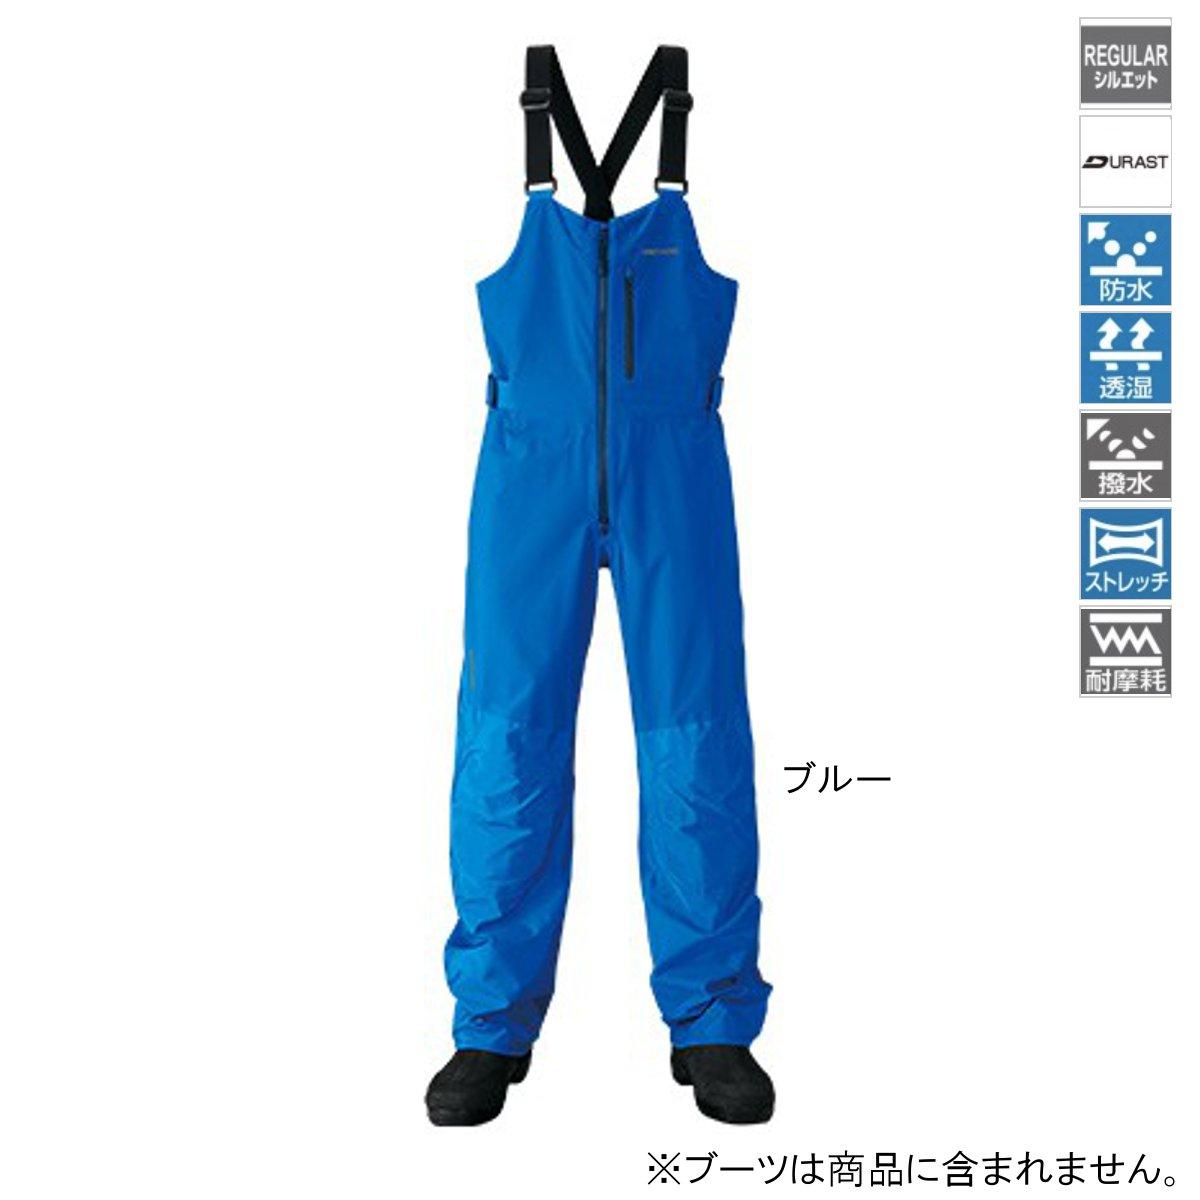 シマノ XEFO・DURASTレインビブ RA-26PS L ブルー【送料無料】